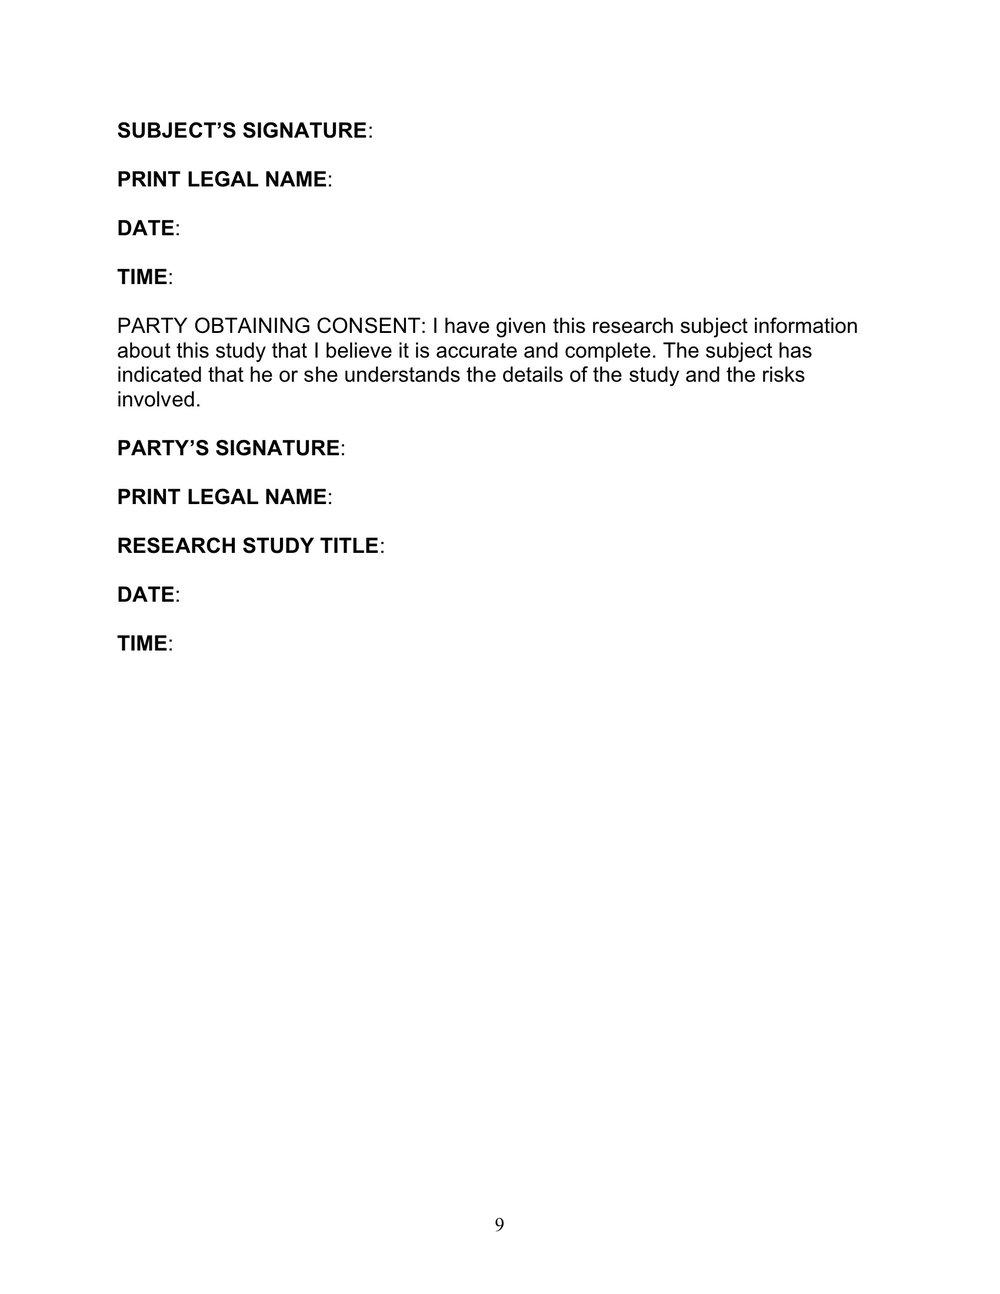 Page-09.jpeg